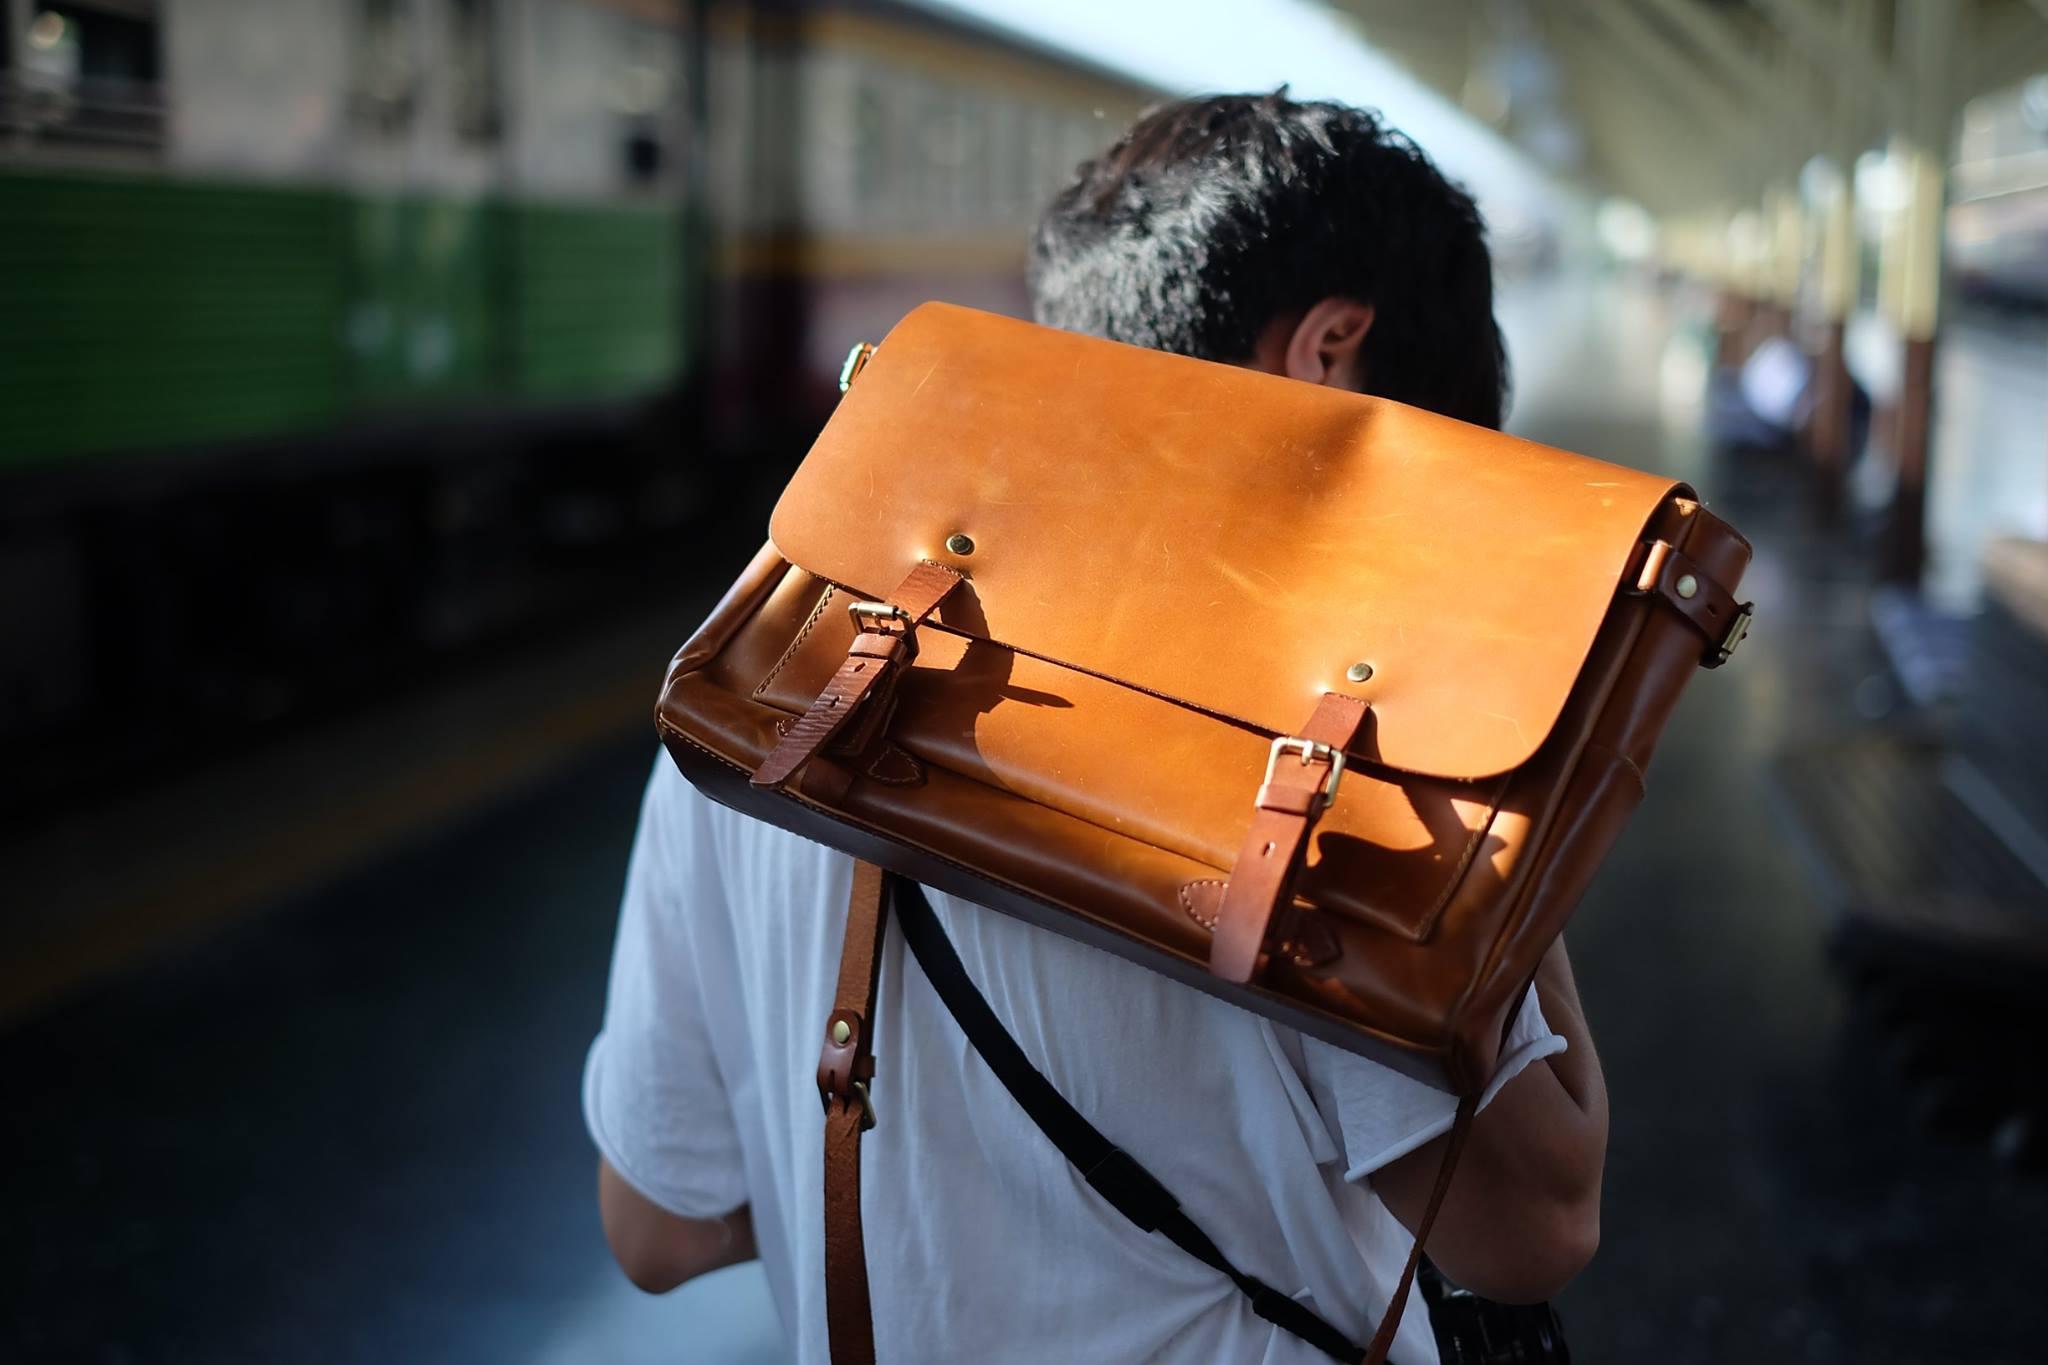 ผู้ชาย,men,กระเป๋า,กระเป๋าถือ,กระเป๋าหนัง,กระเป๋าผู้ชาย